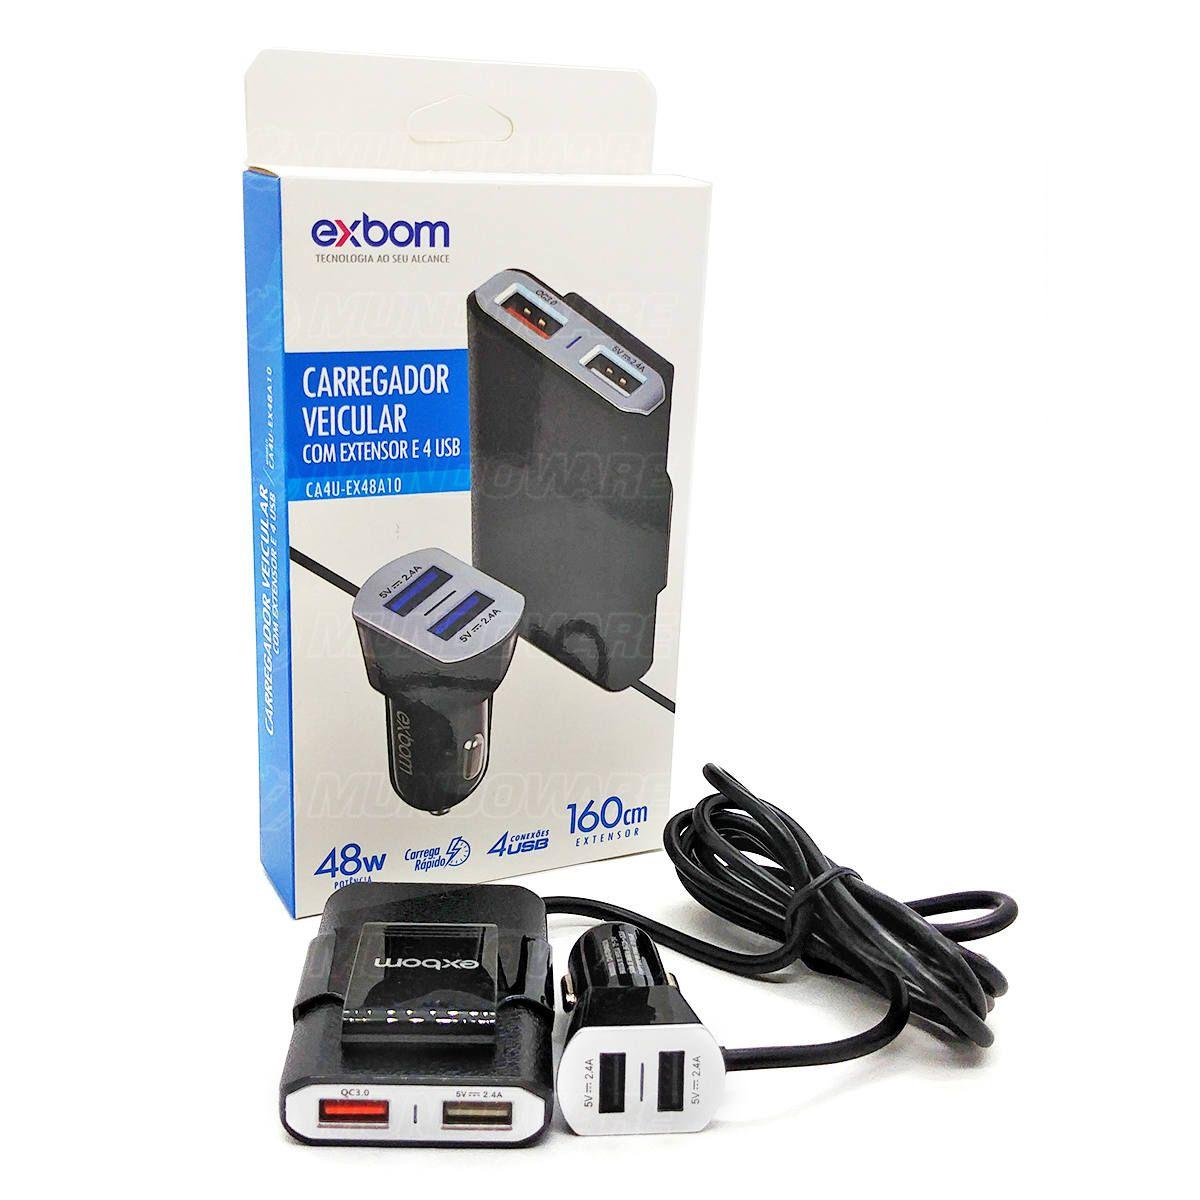 Carregador Veicular com Extensor para Banco Traseiro 4 USB 48W QC 3.0 Carrega Rápido Cabo de 160cm Exbom CA4U-EX48A10